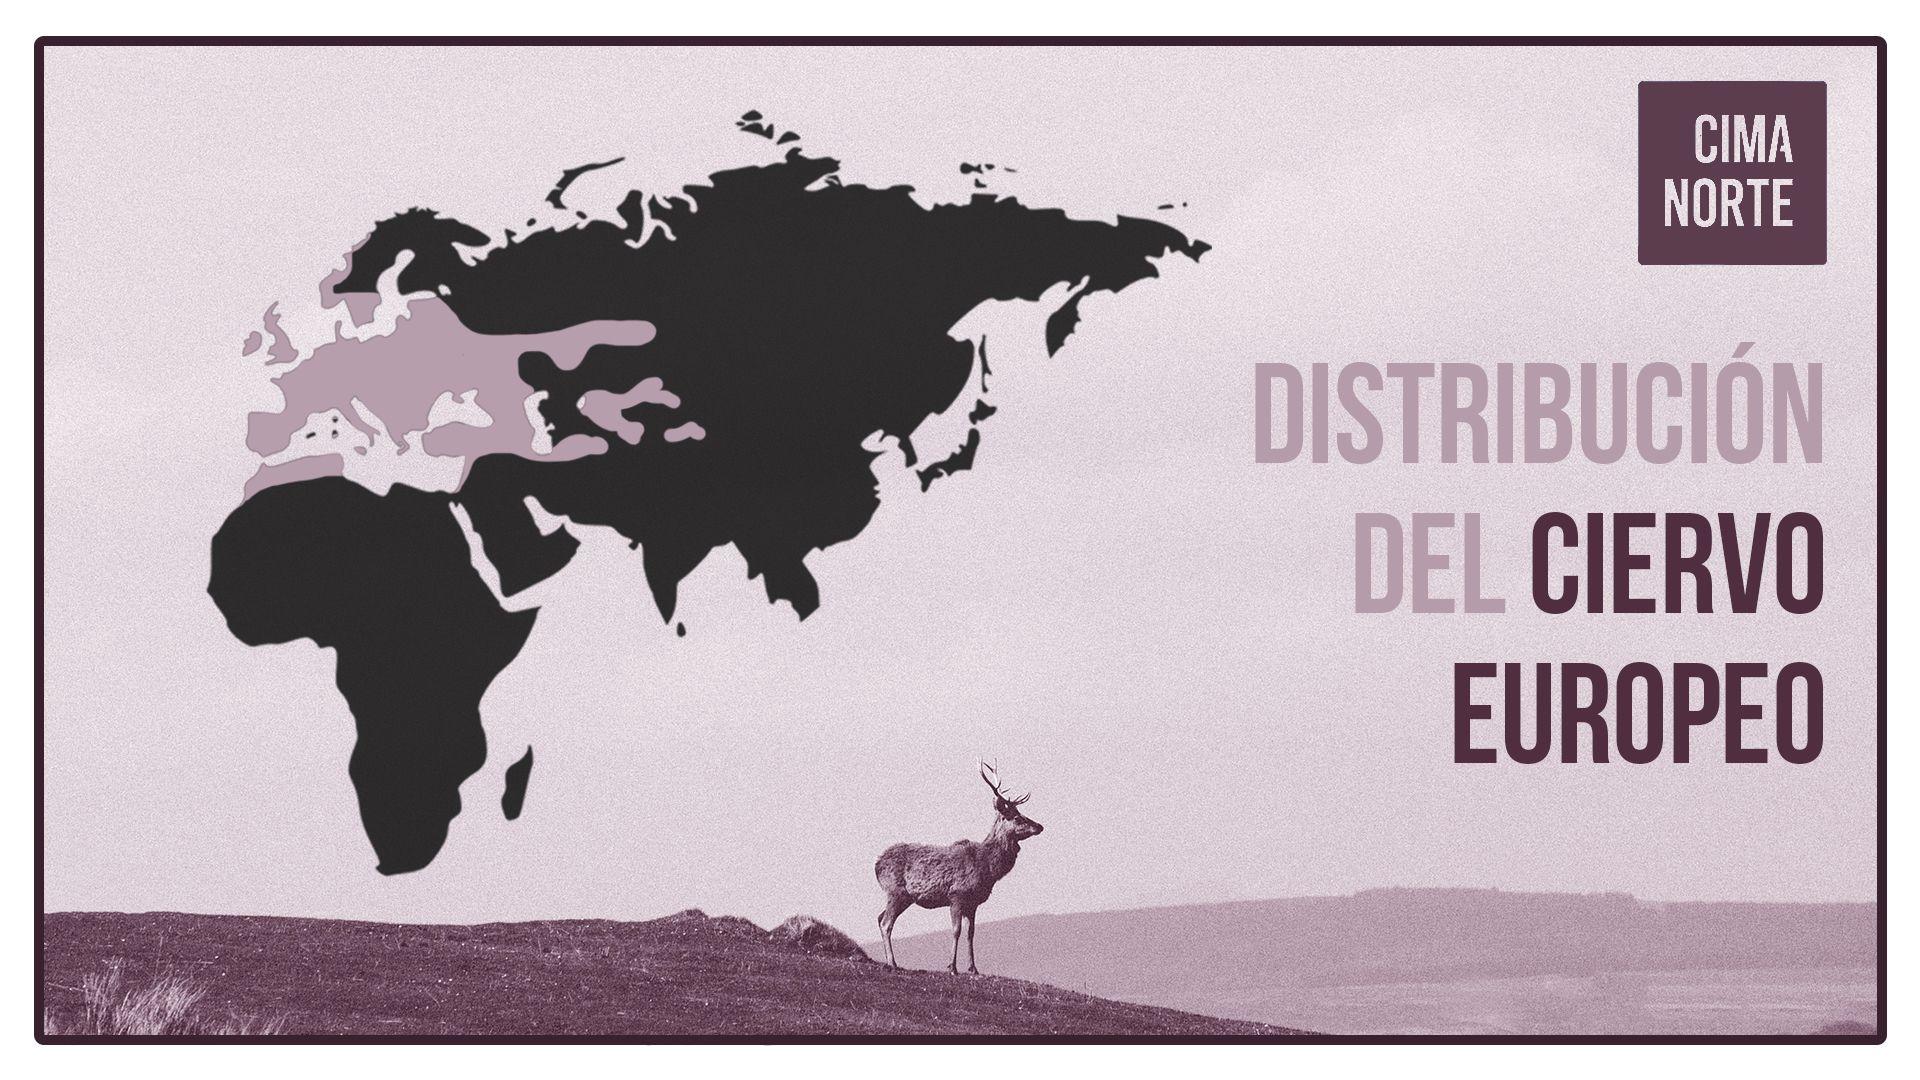 distribucion del ciervo europeo mapa infografía